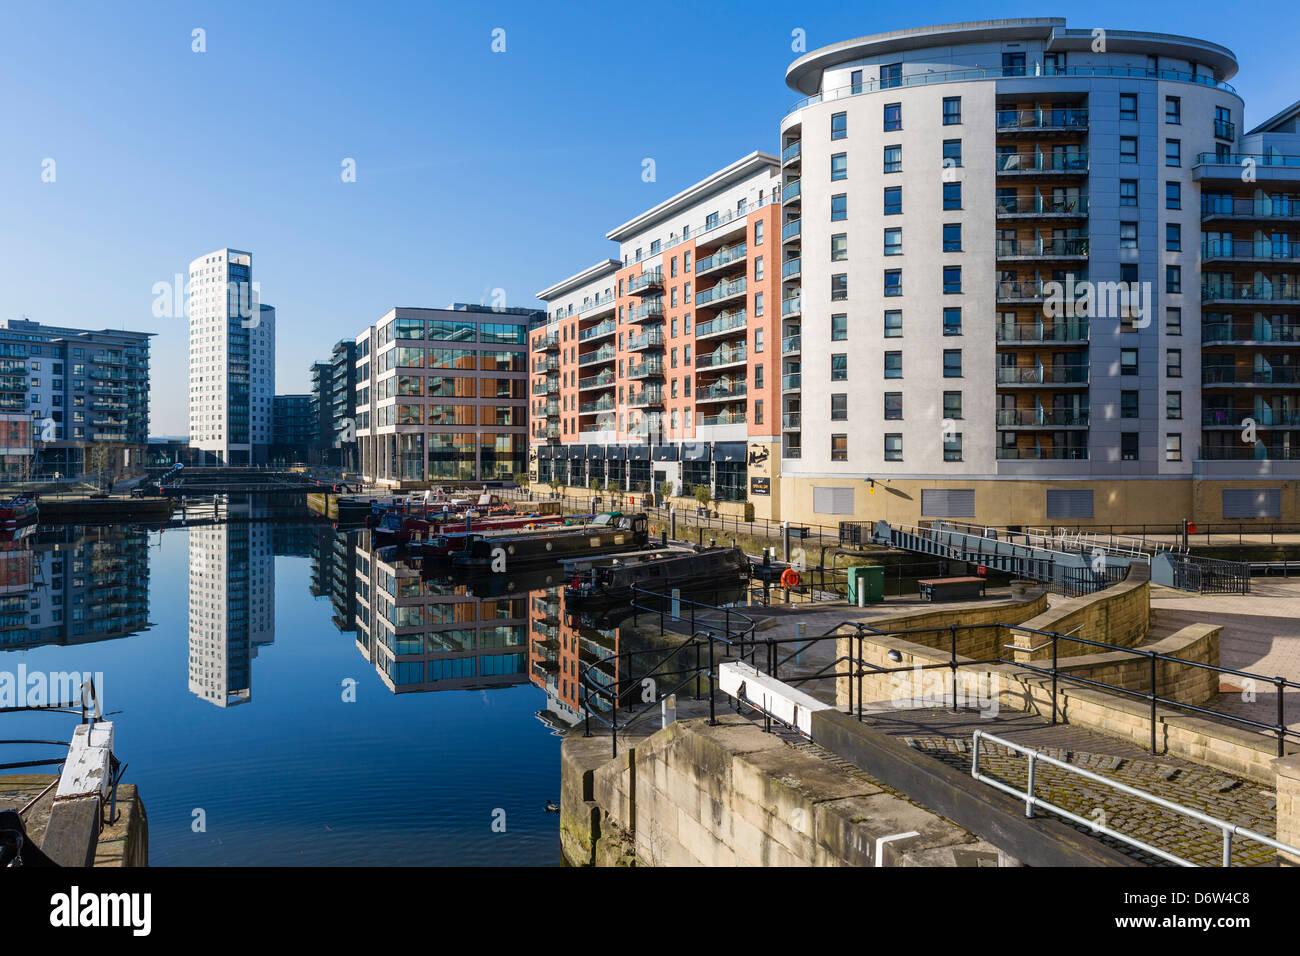 Appartement front de blocs dans Clarence Dock, Leeds, West Yorkshire, Royaume-Uni Photo Stock